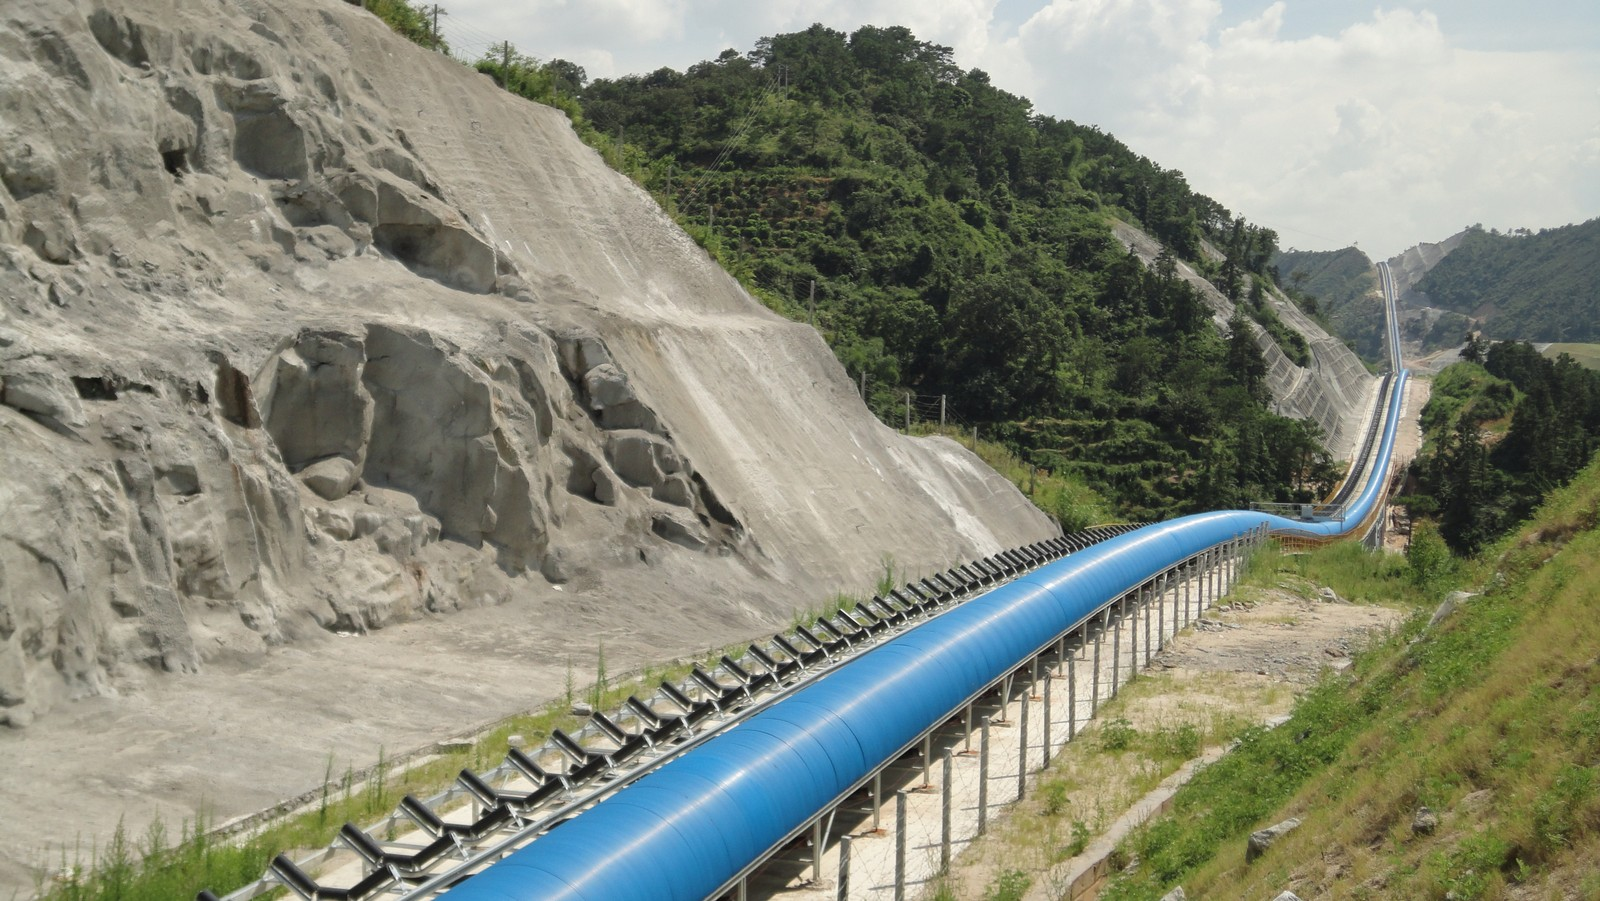 Der aktuell längste Gurtförderer Asiens ist mit 180.000 Rollen von Rulmeca bestückt und hat zwei Förderbänder von 40 km Länge.